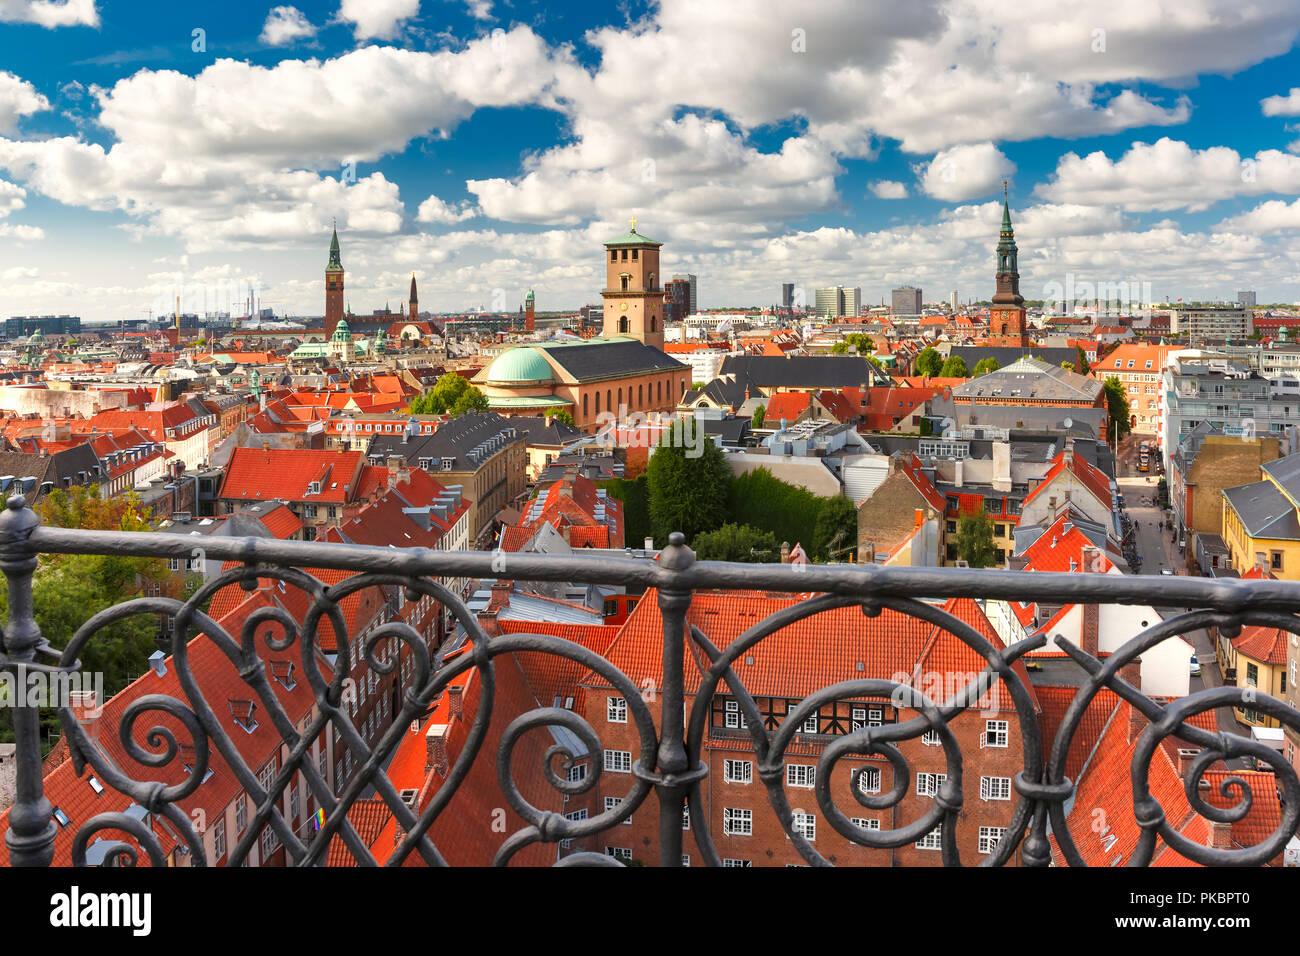 Vista aérea de Copenhague, Dinamarca Foto de stock